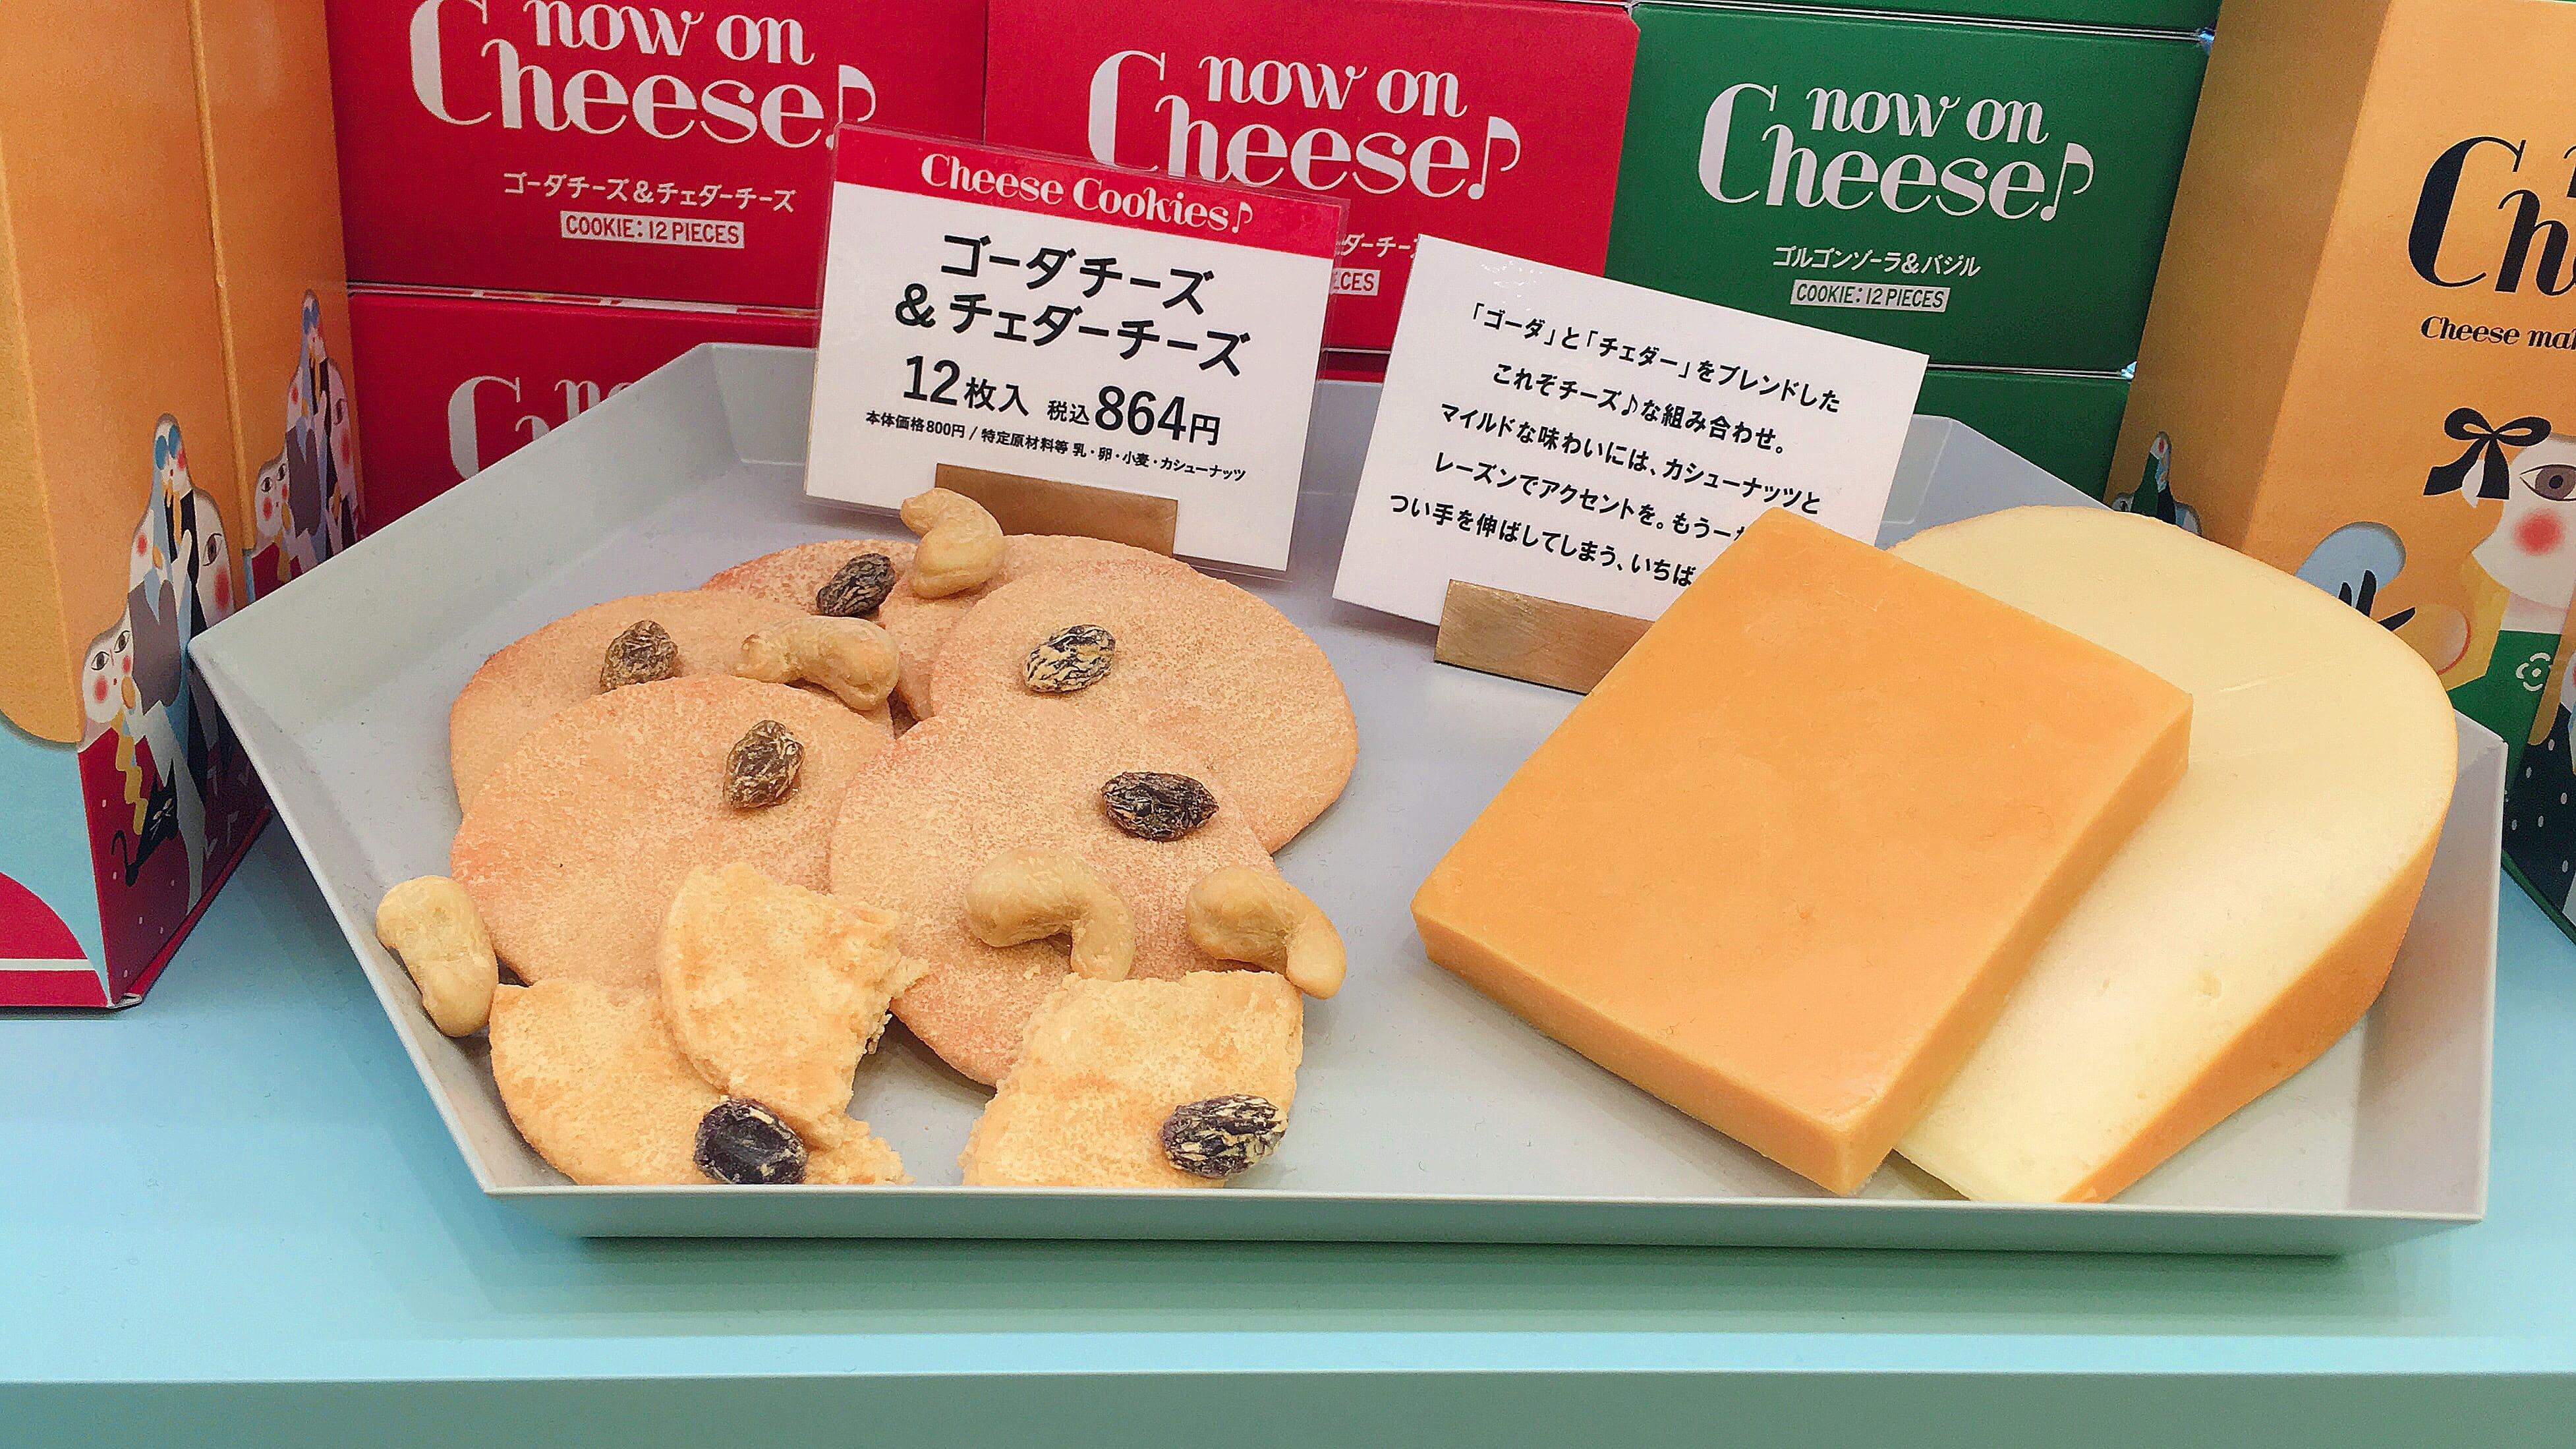 ルミネ新宿のチーズスイーツ専門店ナウオンチーズのクッキーゴーダ&チェダー